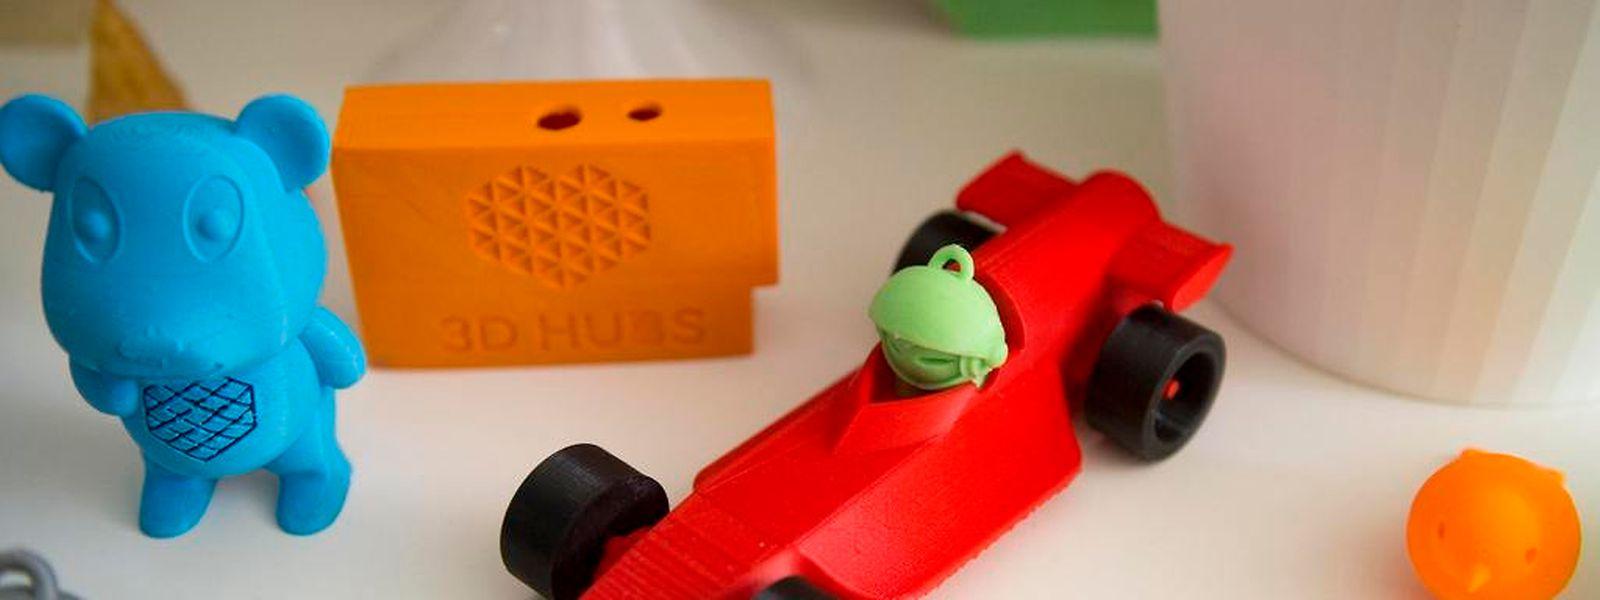 Diese Spielzeuge sind einem 3D-Drucker entsprungen.